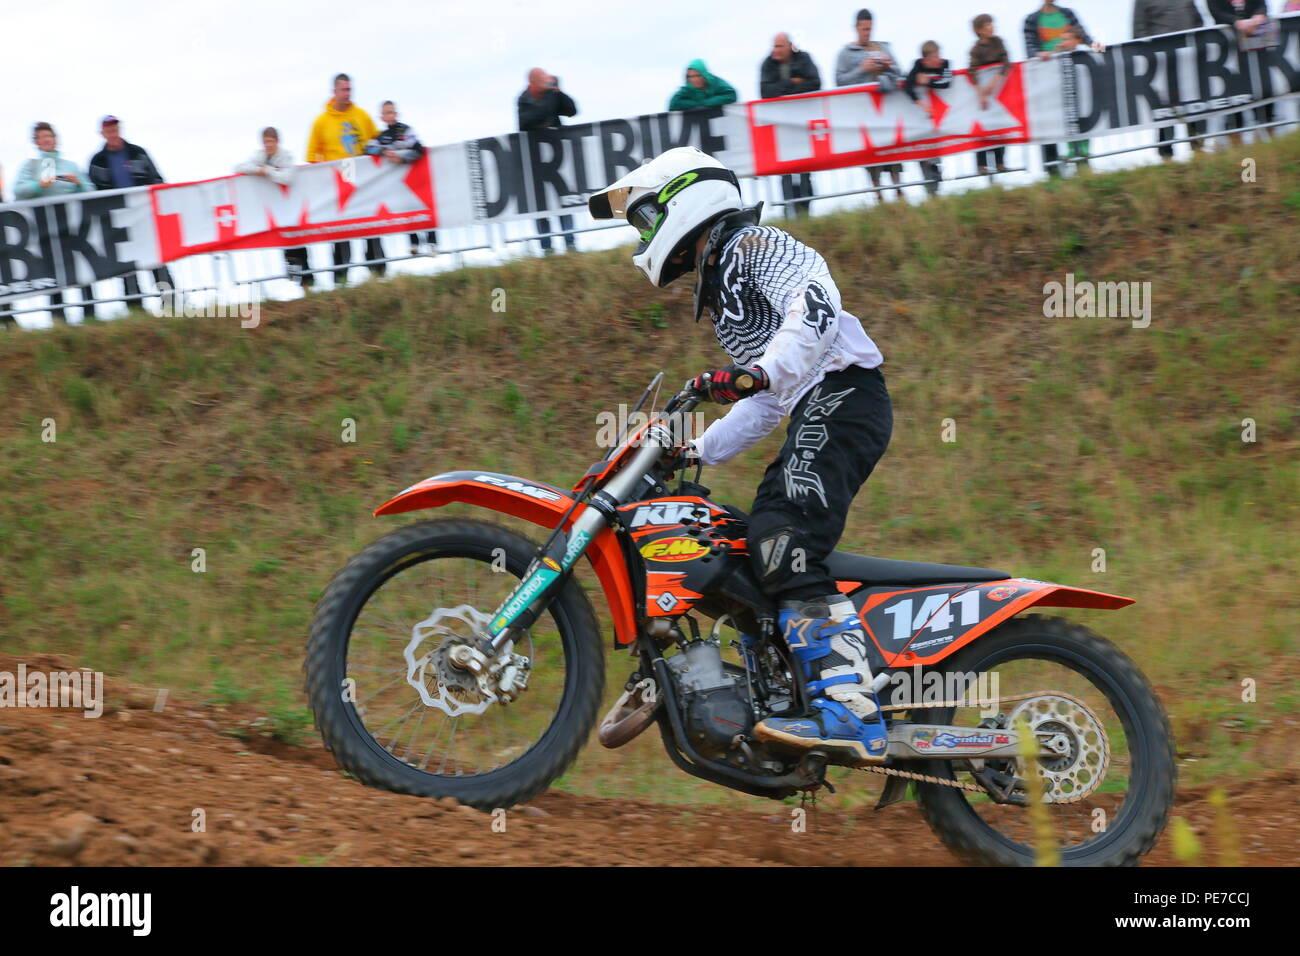 Dirt bike racing at Fat Cat Moto Parc - Stock Image